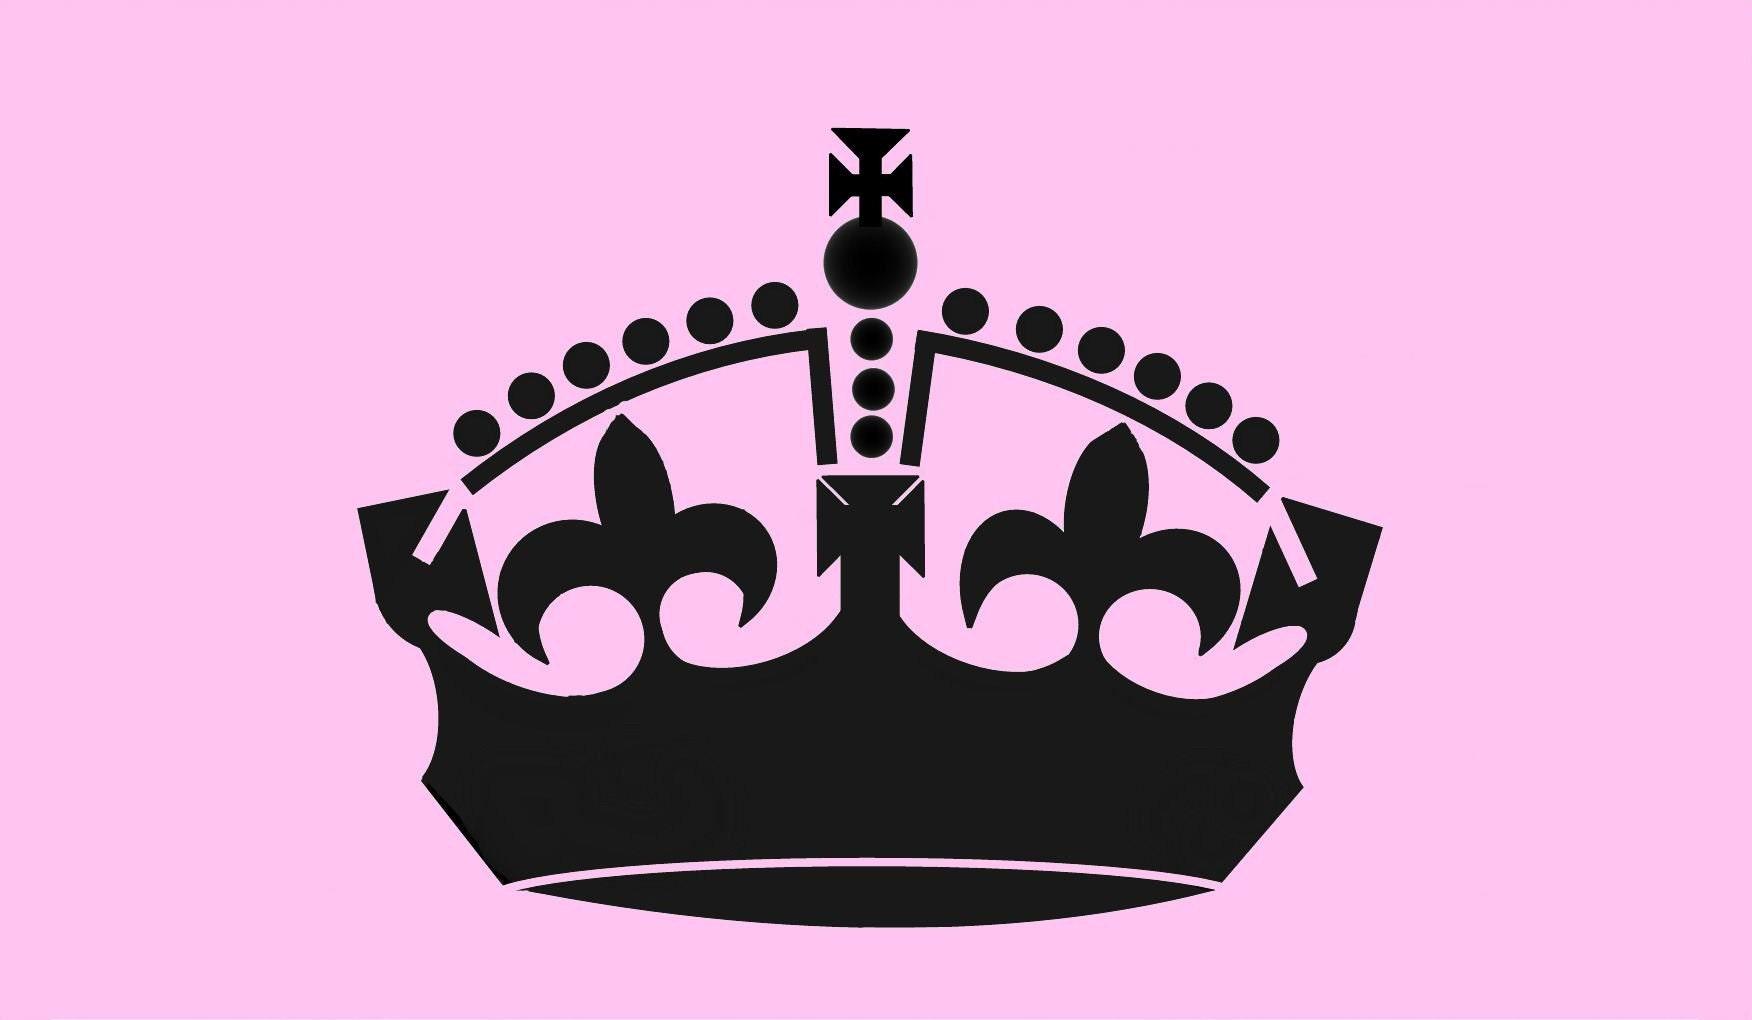 Stencil King Crown: STENCIL Royal Crown 8x10